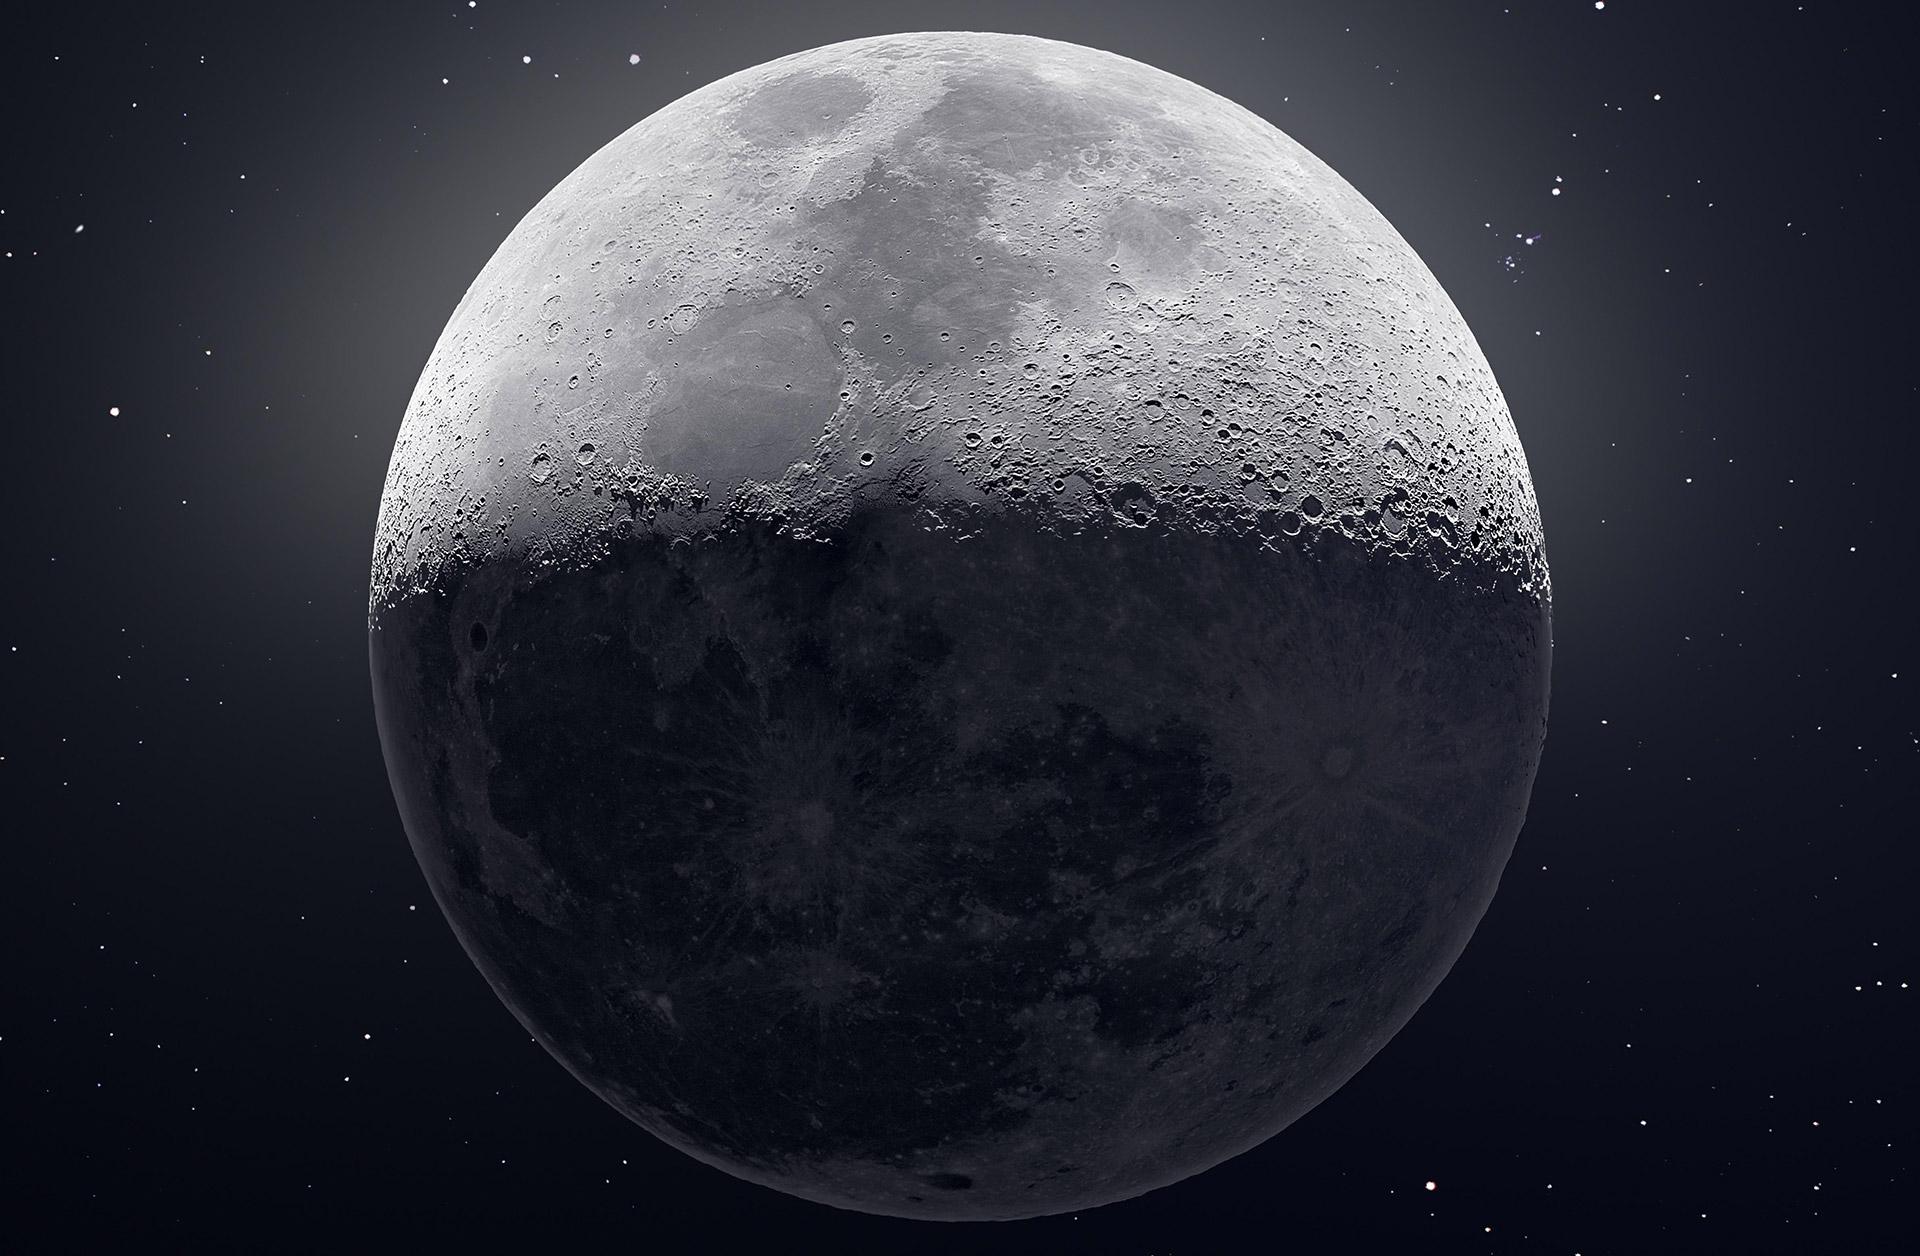 Фрагмент оригинального изображения: Луна, Эндрю МакКарти, 12 февраля 2019